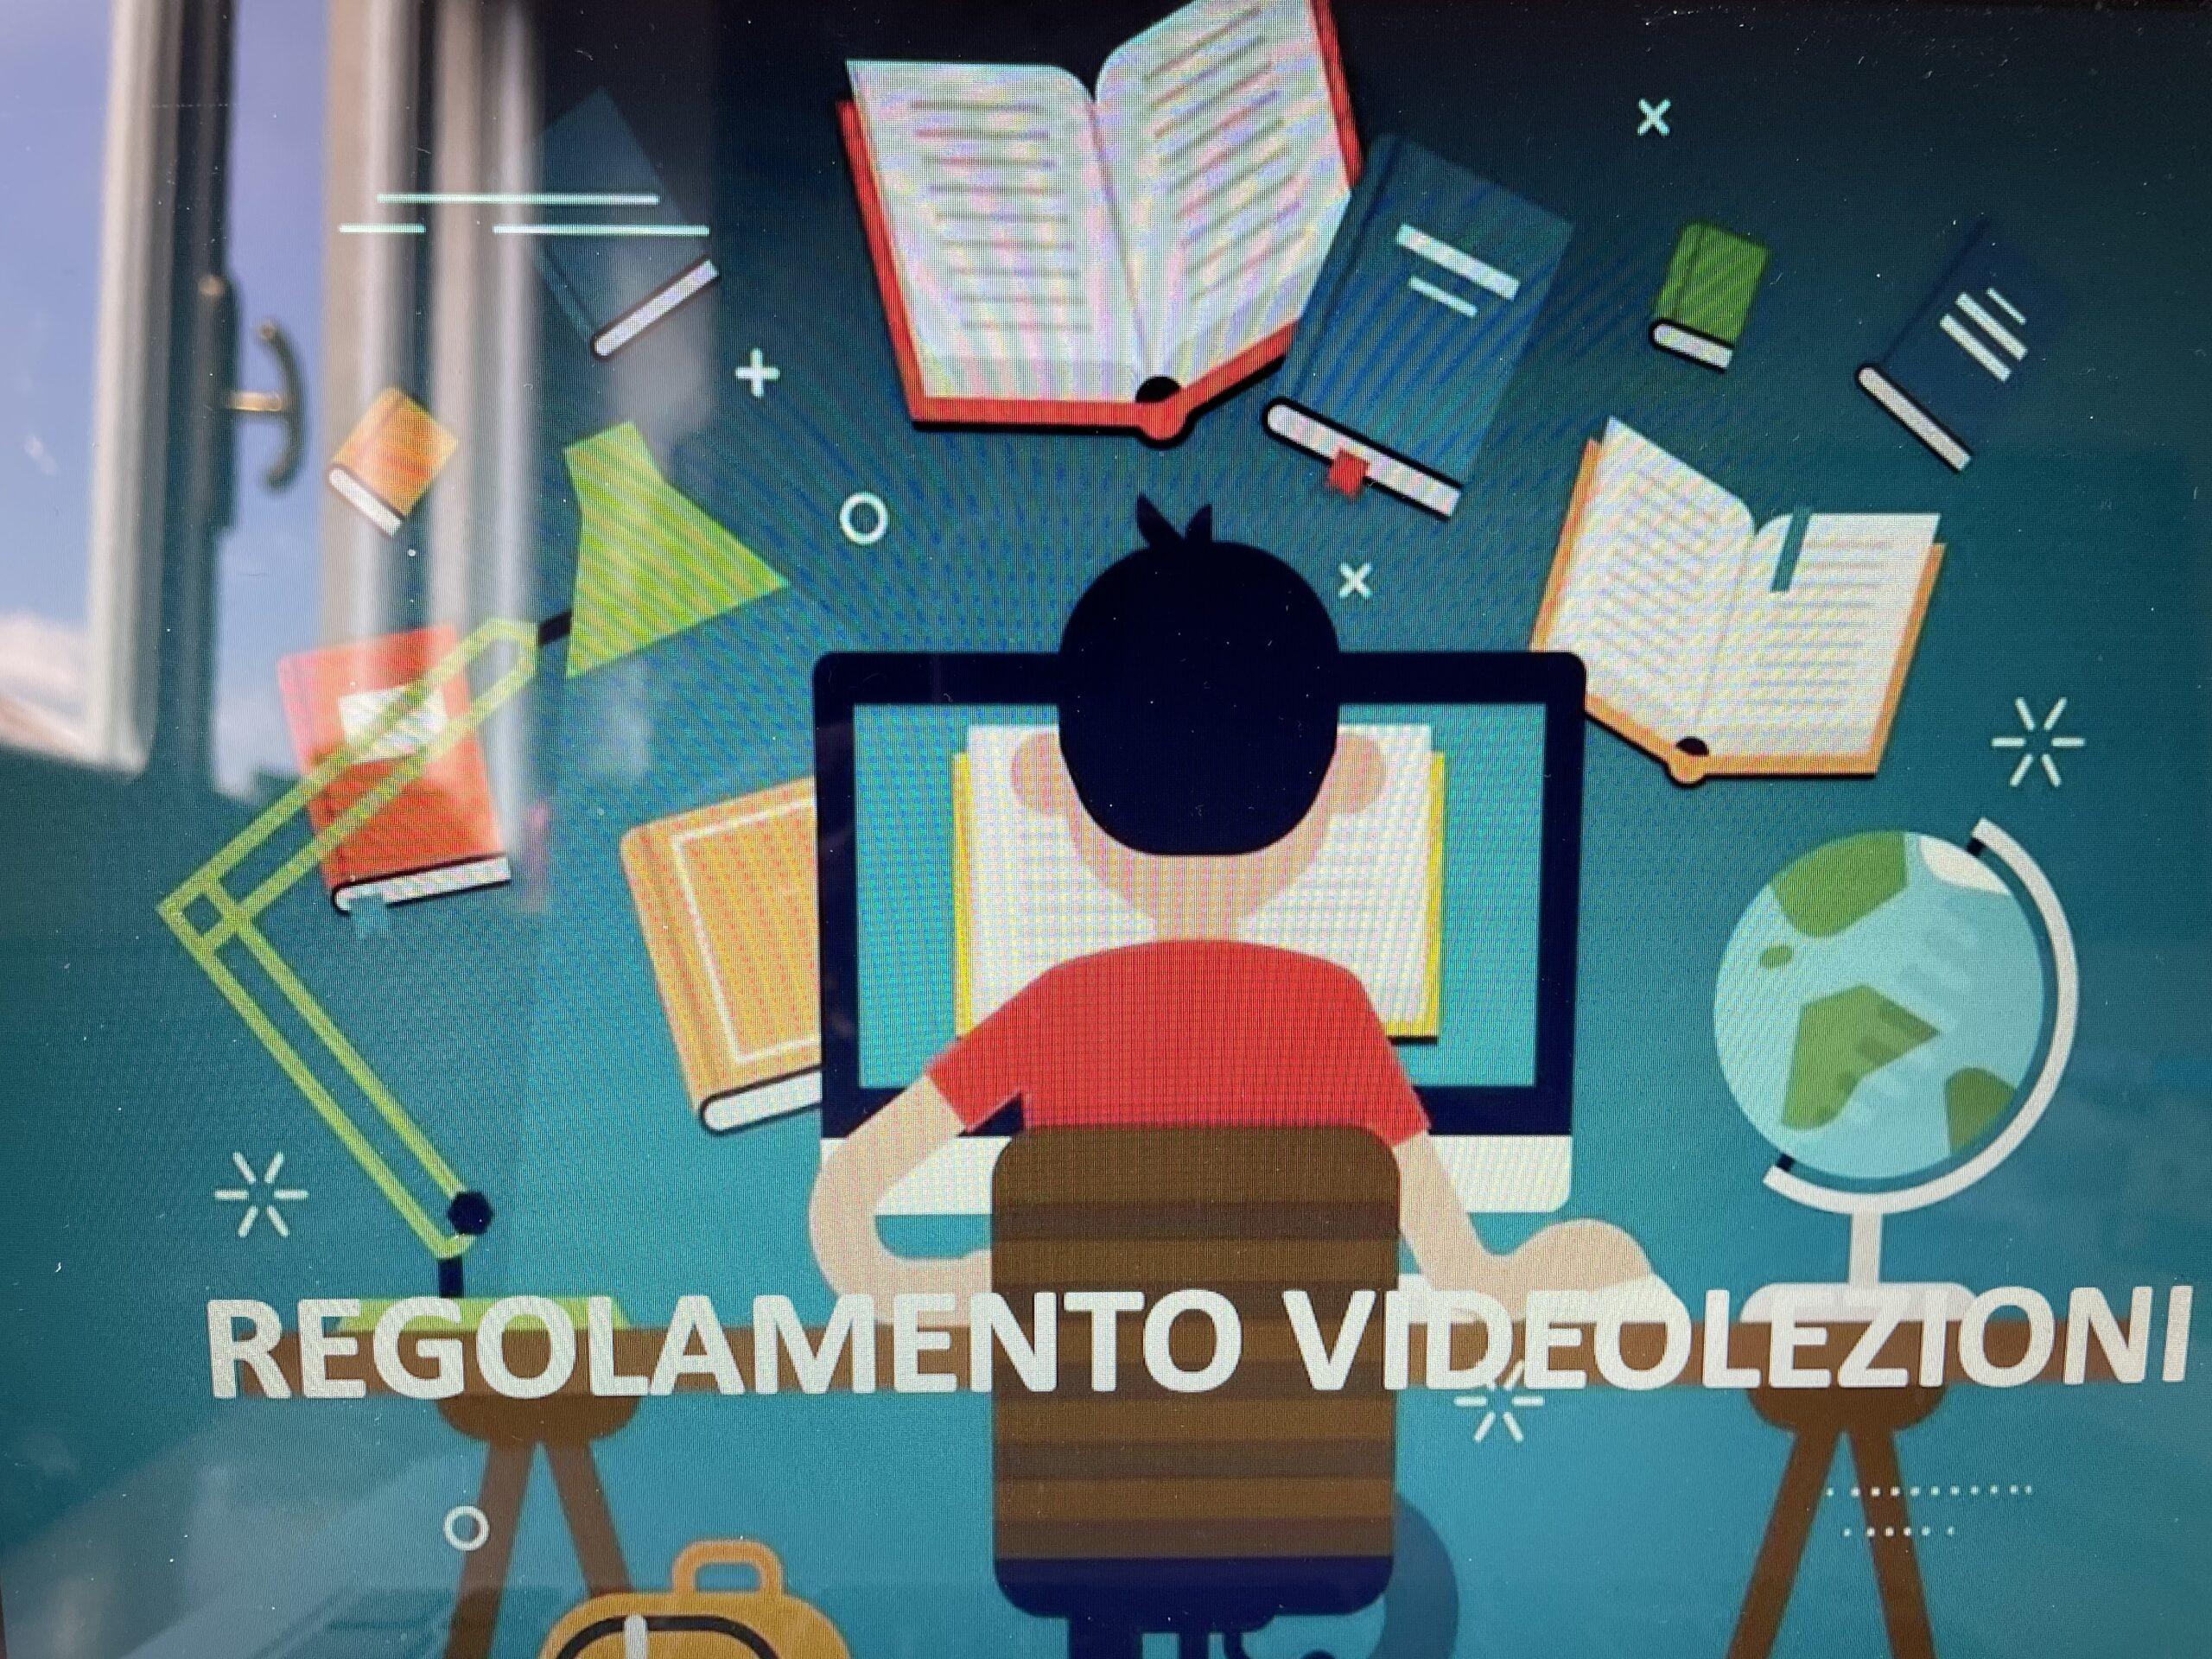 REGOLAMENTO VIDEOLEZIONI